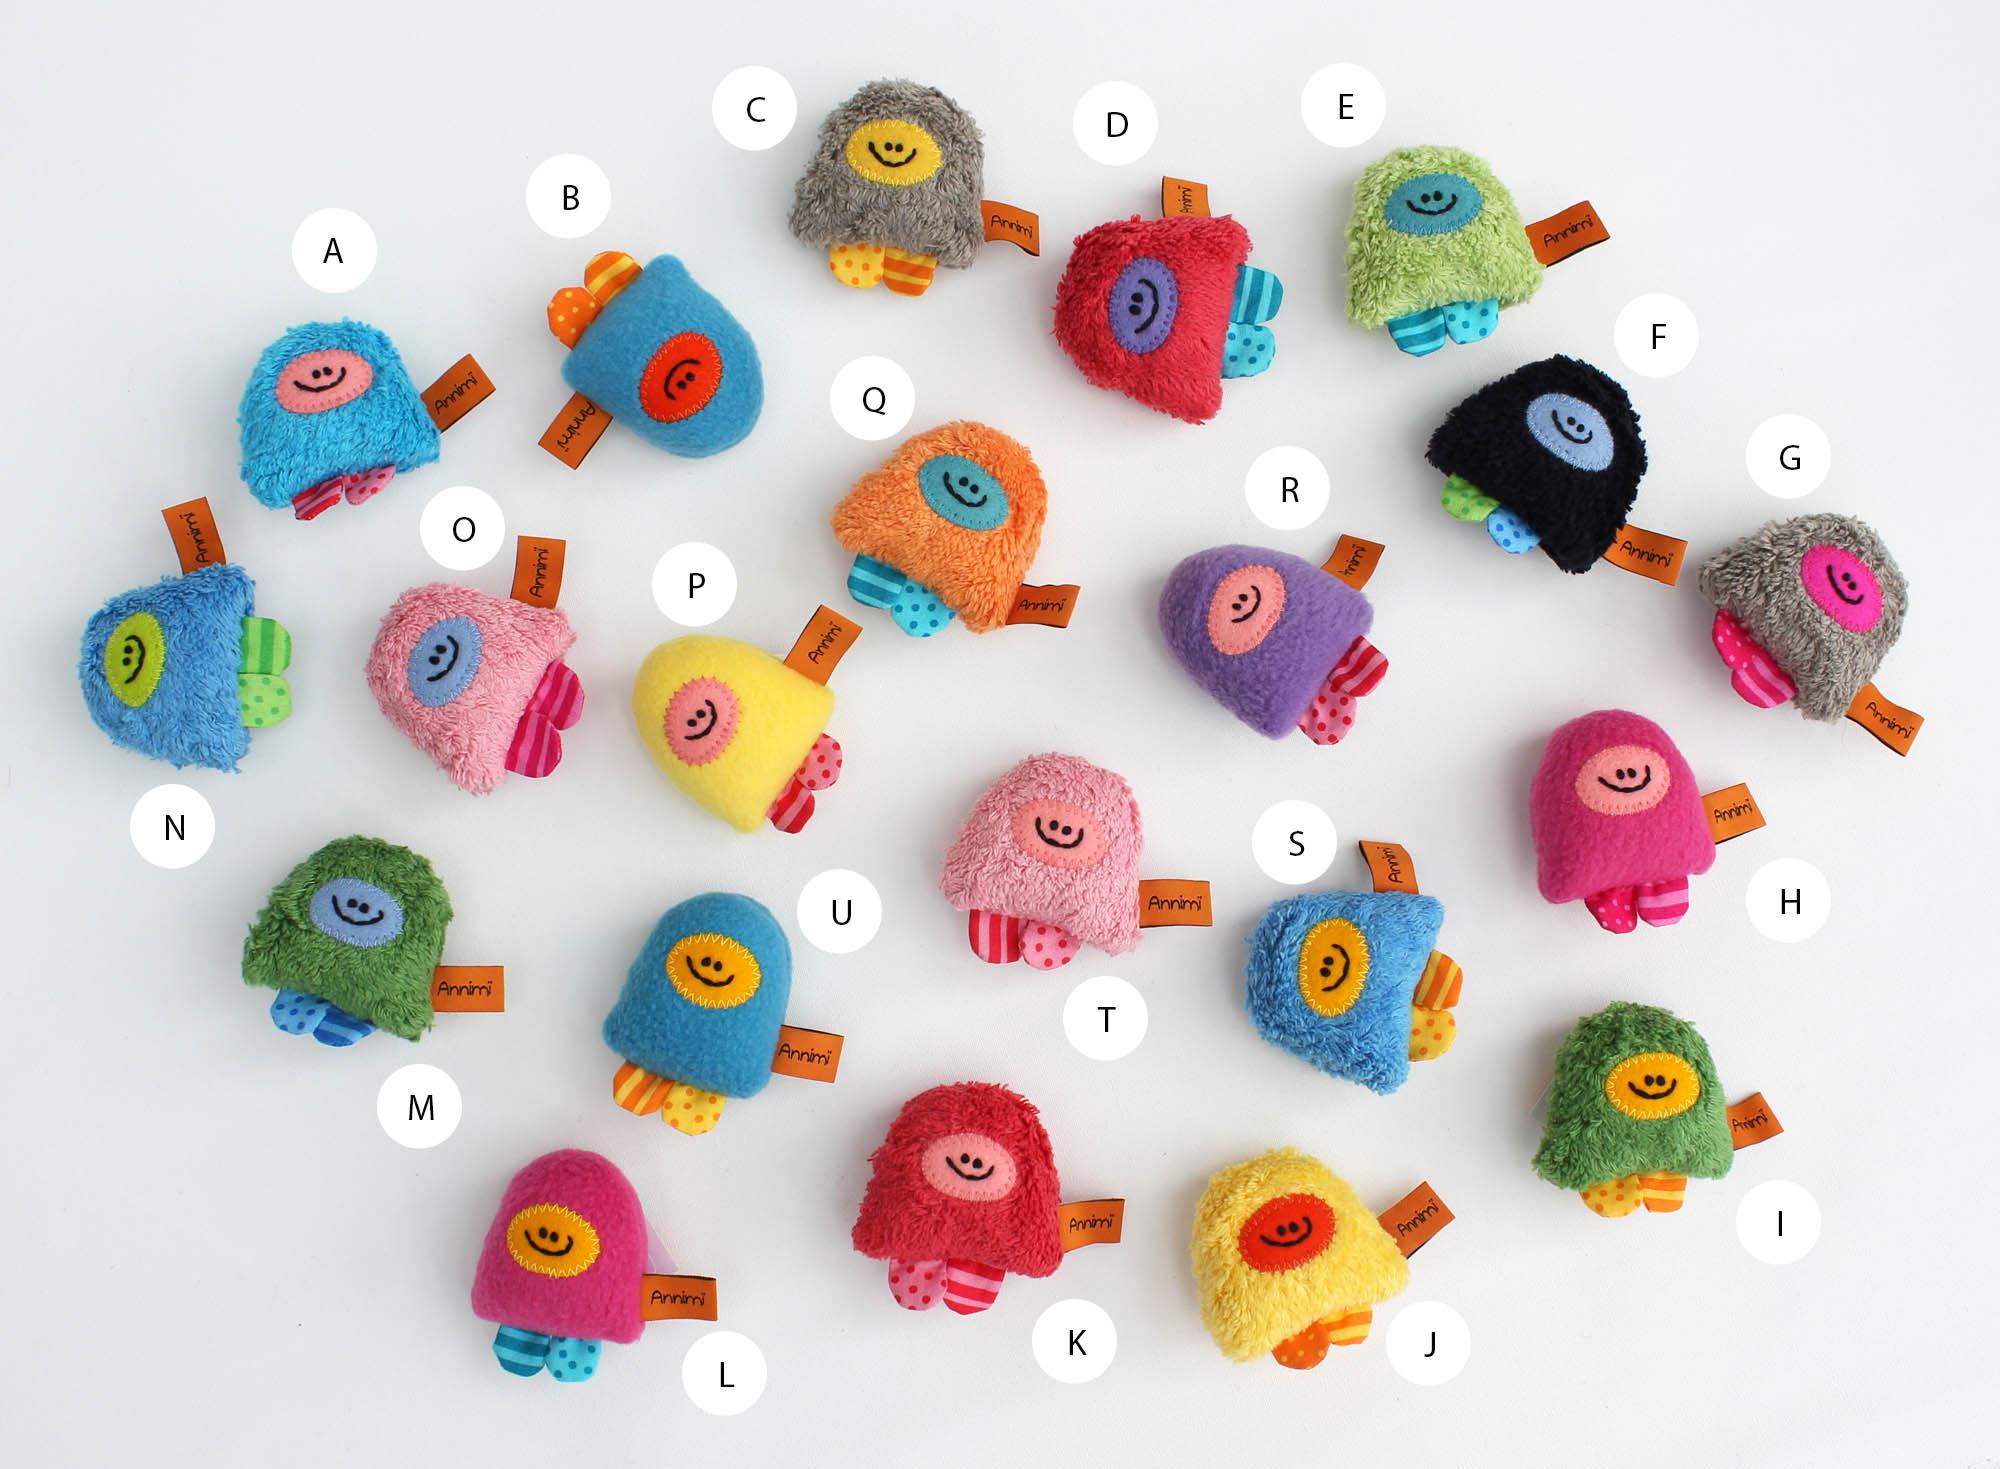 Taschenmonster-Gruppenfoto mit Buchstaben